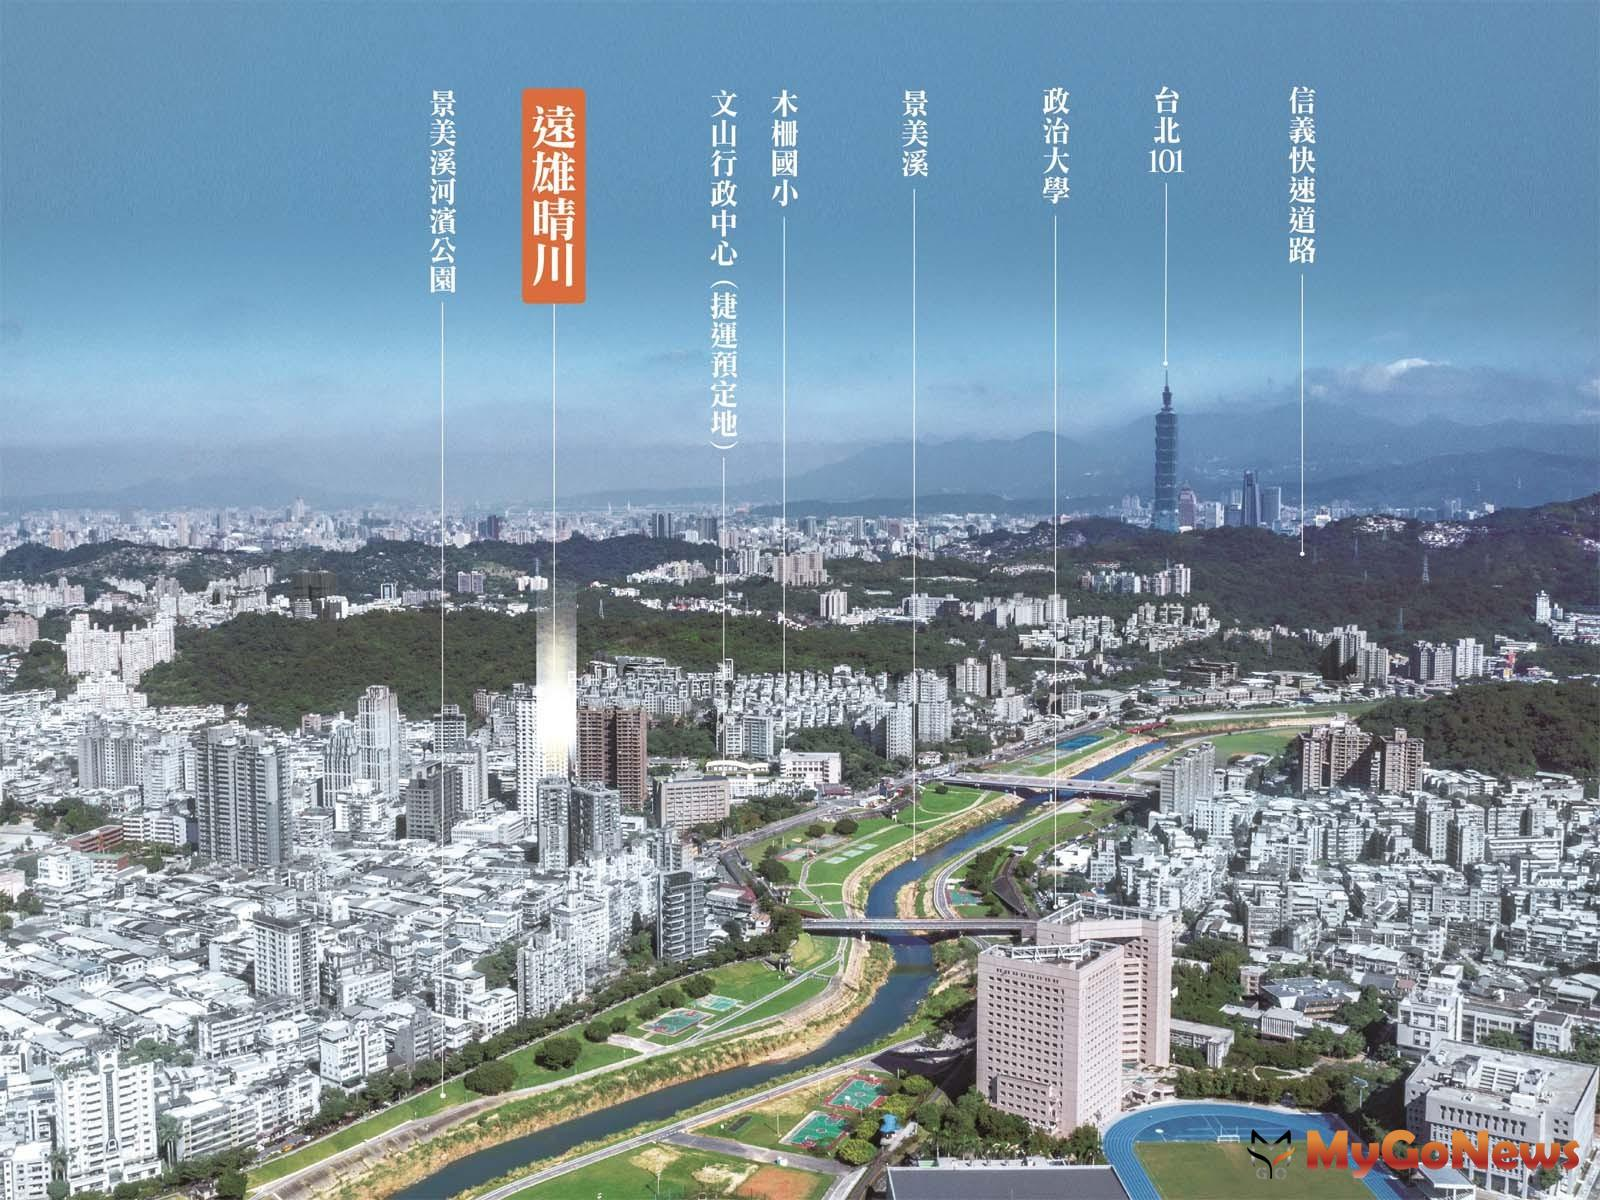 「遠雄晴川」位居交通優勢,未來還有南環捷運等利多議題(圖/業者提供) MyGoNews房地產新聞 熱銷推案